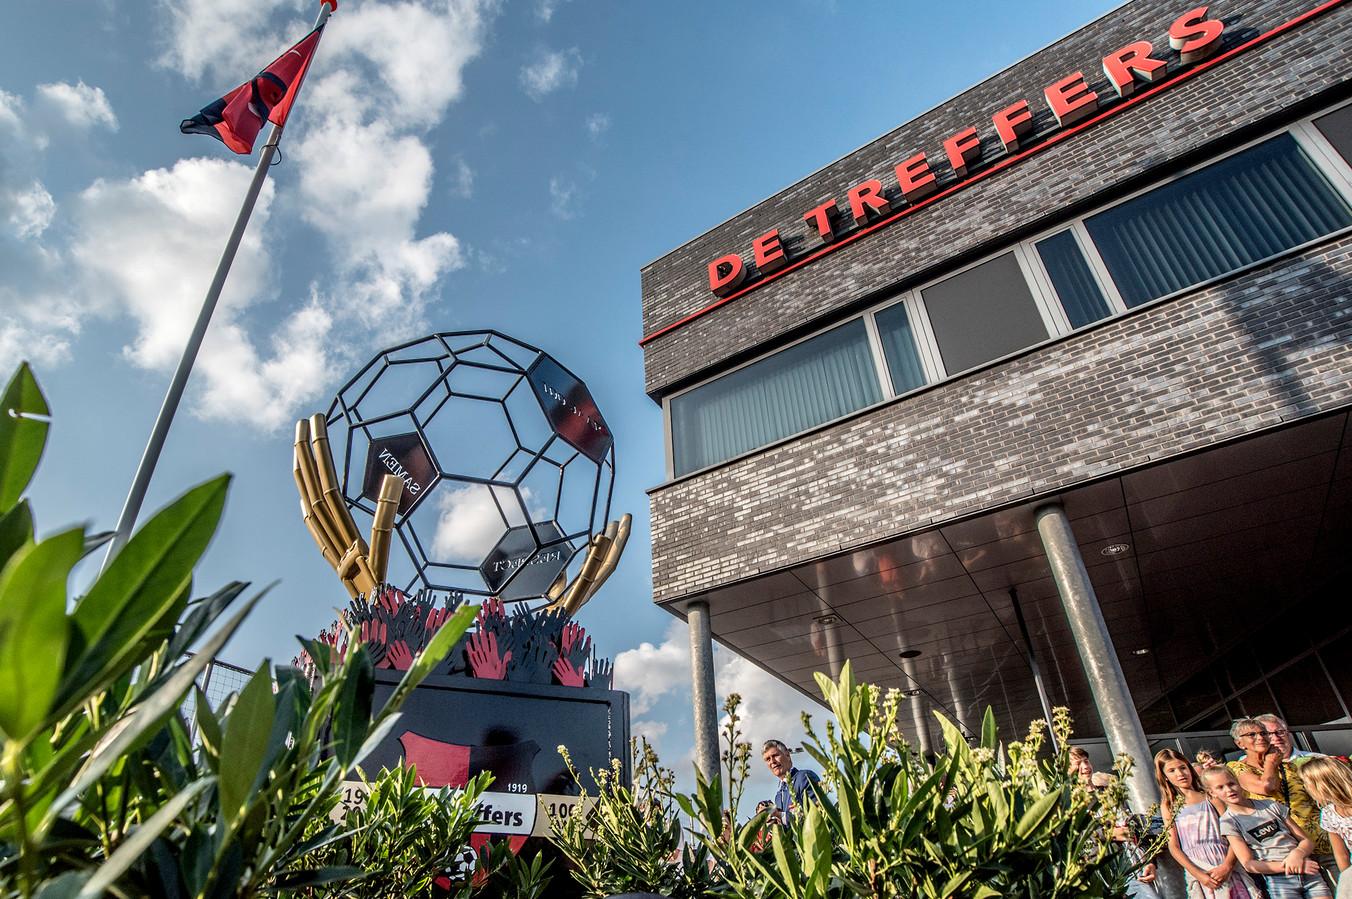 Clubhuis De Treffers in Groesbeek.